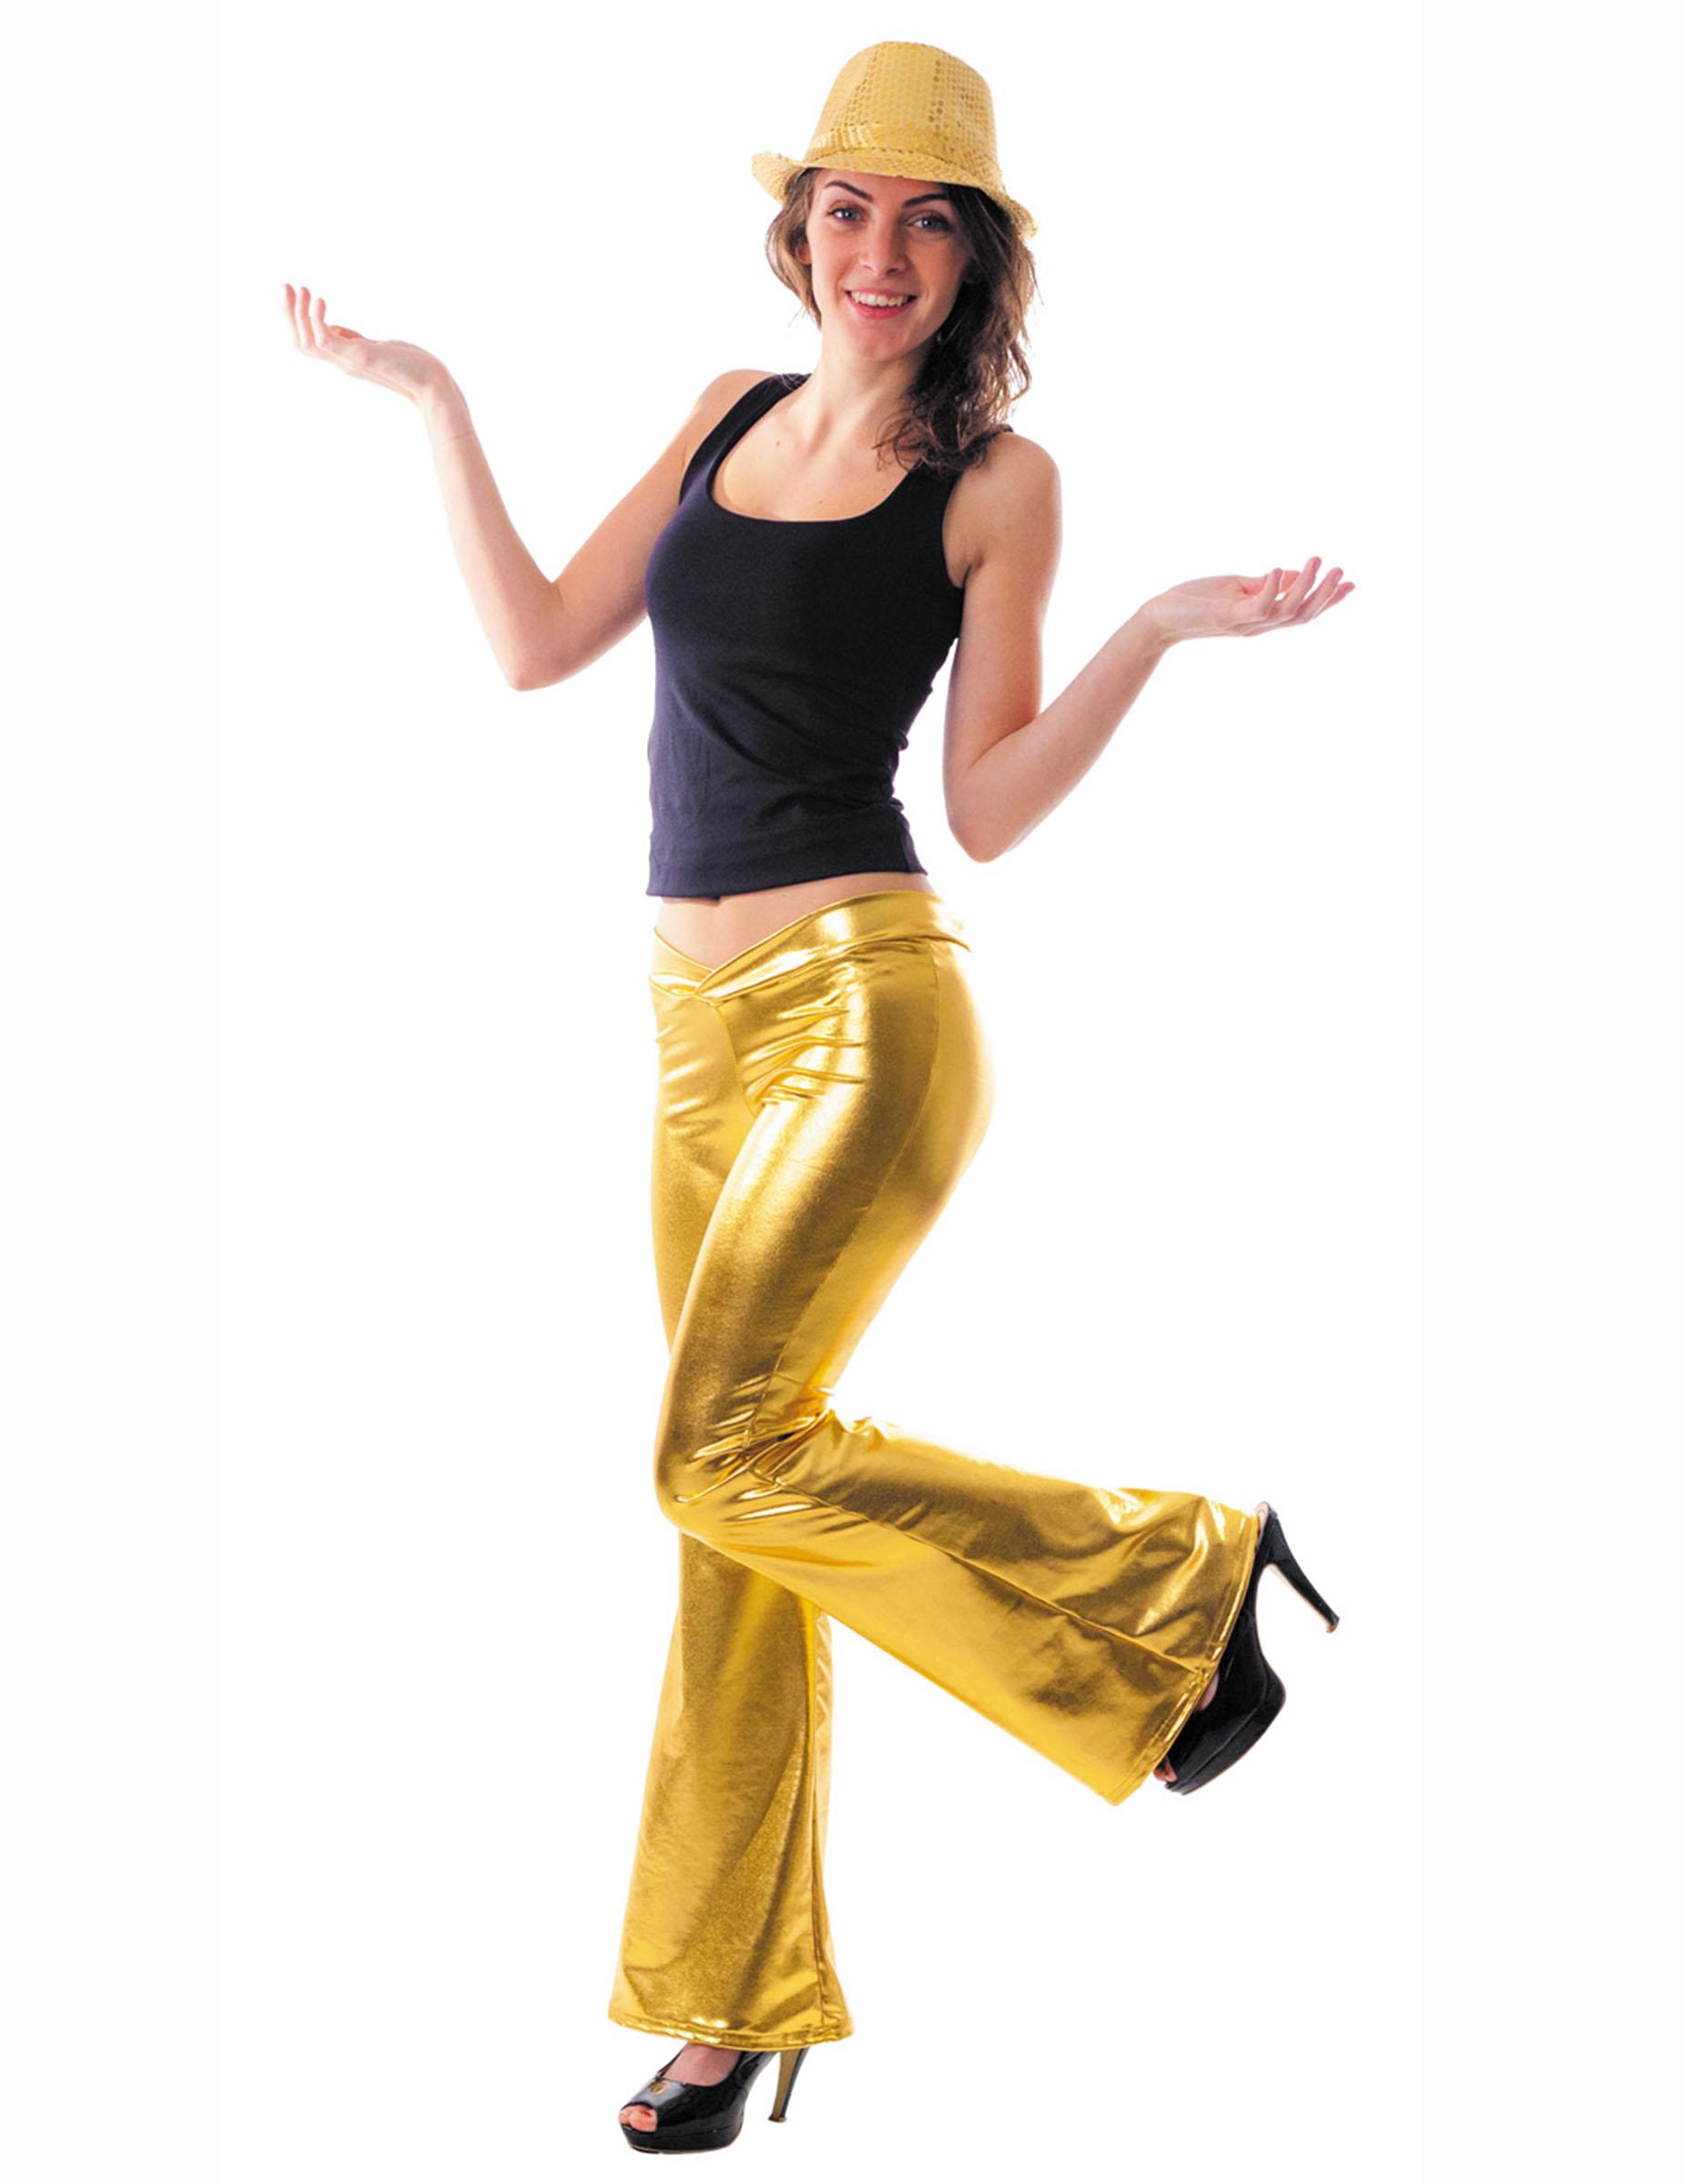 pantalon disco holographique or femme achat de d guisements adultes sur vegaoopro grossiste en. Black Bedroom Furniture Sets. Home Design Ideas